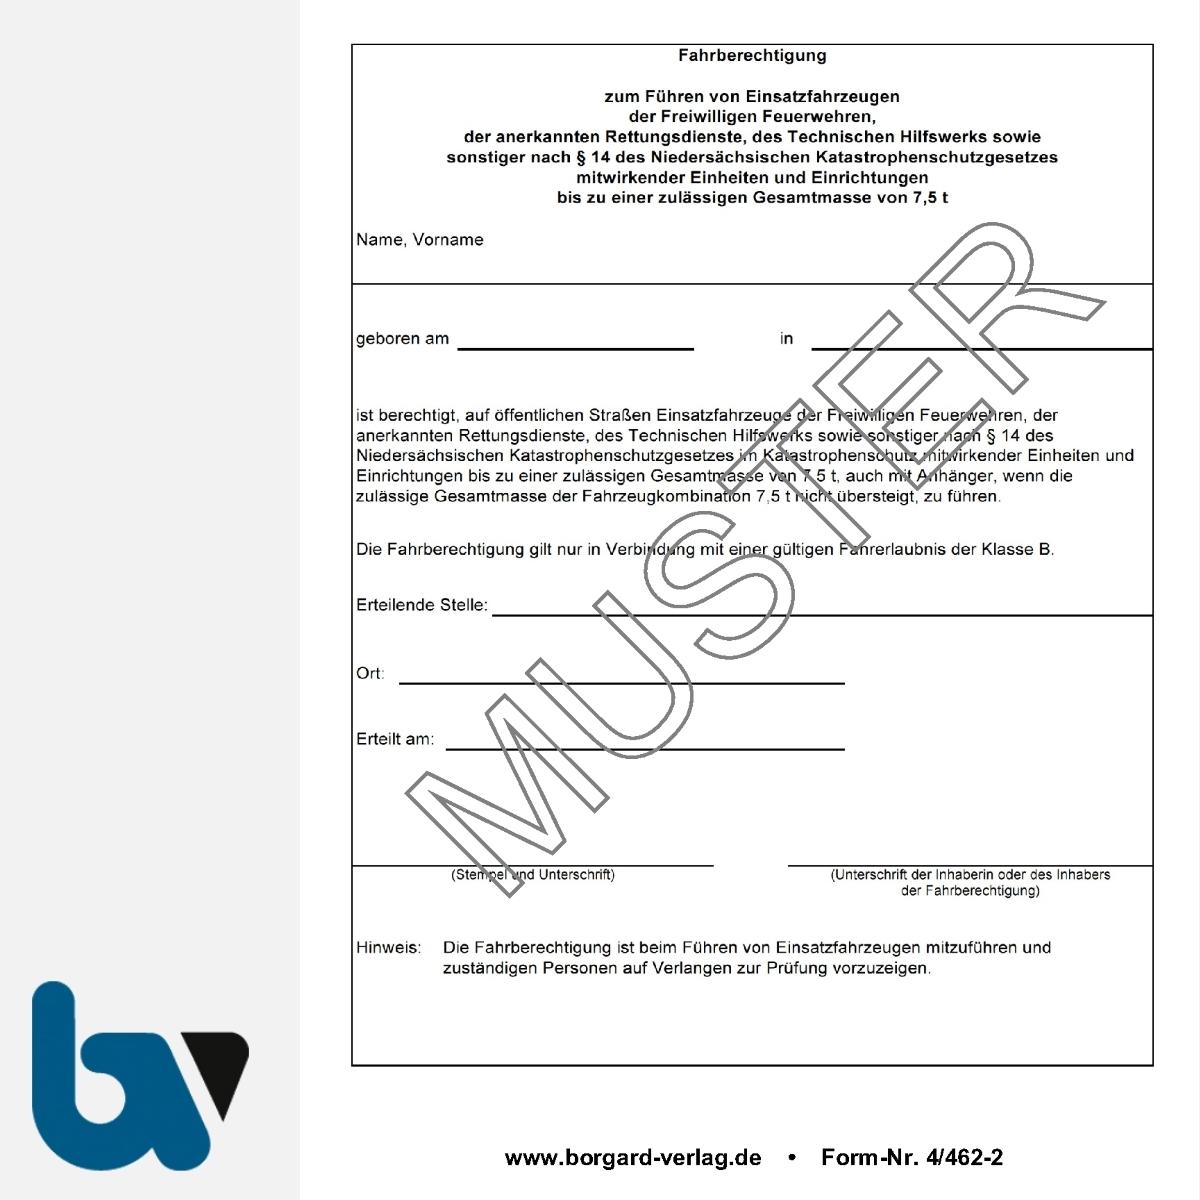 4/462-2 Fahrberechtigung führen Einsatzfahrzeuge Feuerwehr Rettungsdienst technisch Hilfswerk Katastophenschutz Einheiten zulässig Gesamtmasse Niedersachsen Neobond DIN A6 | Borgard Verlag GmbH